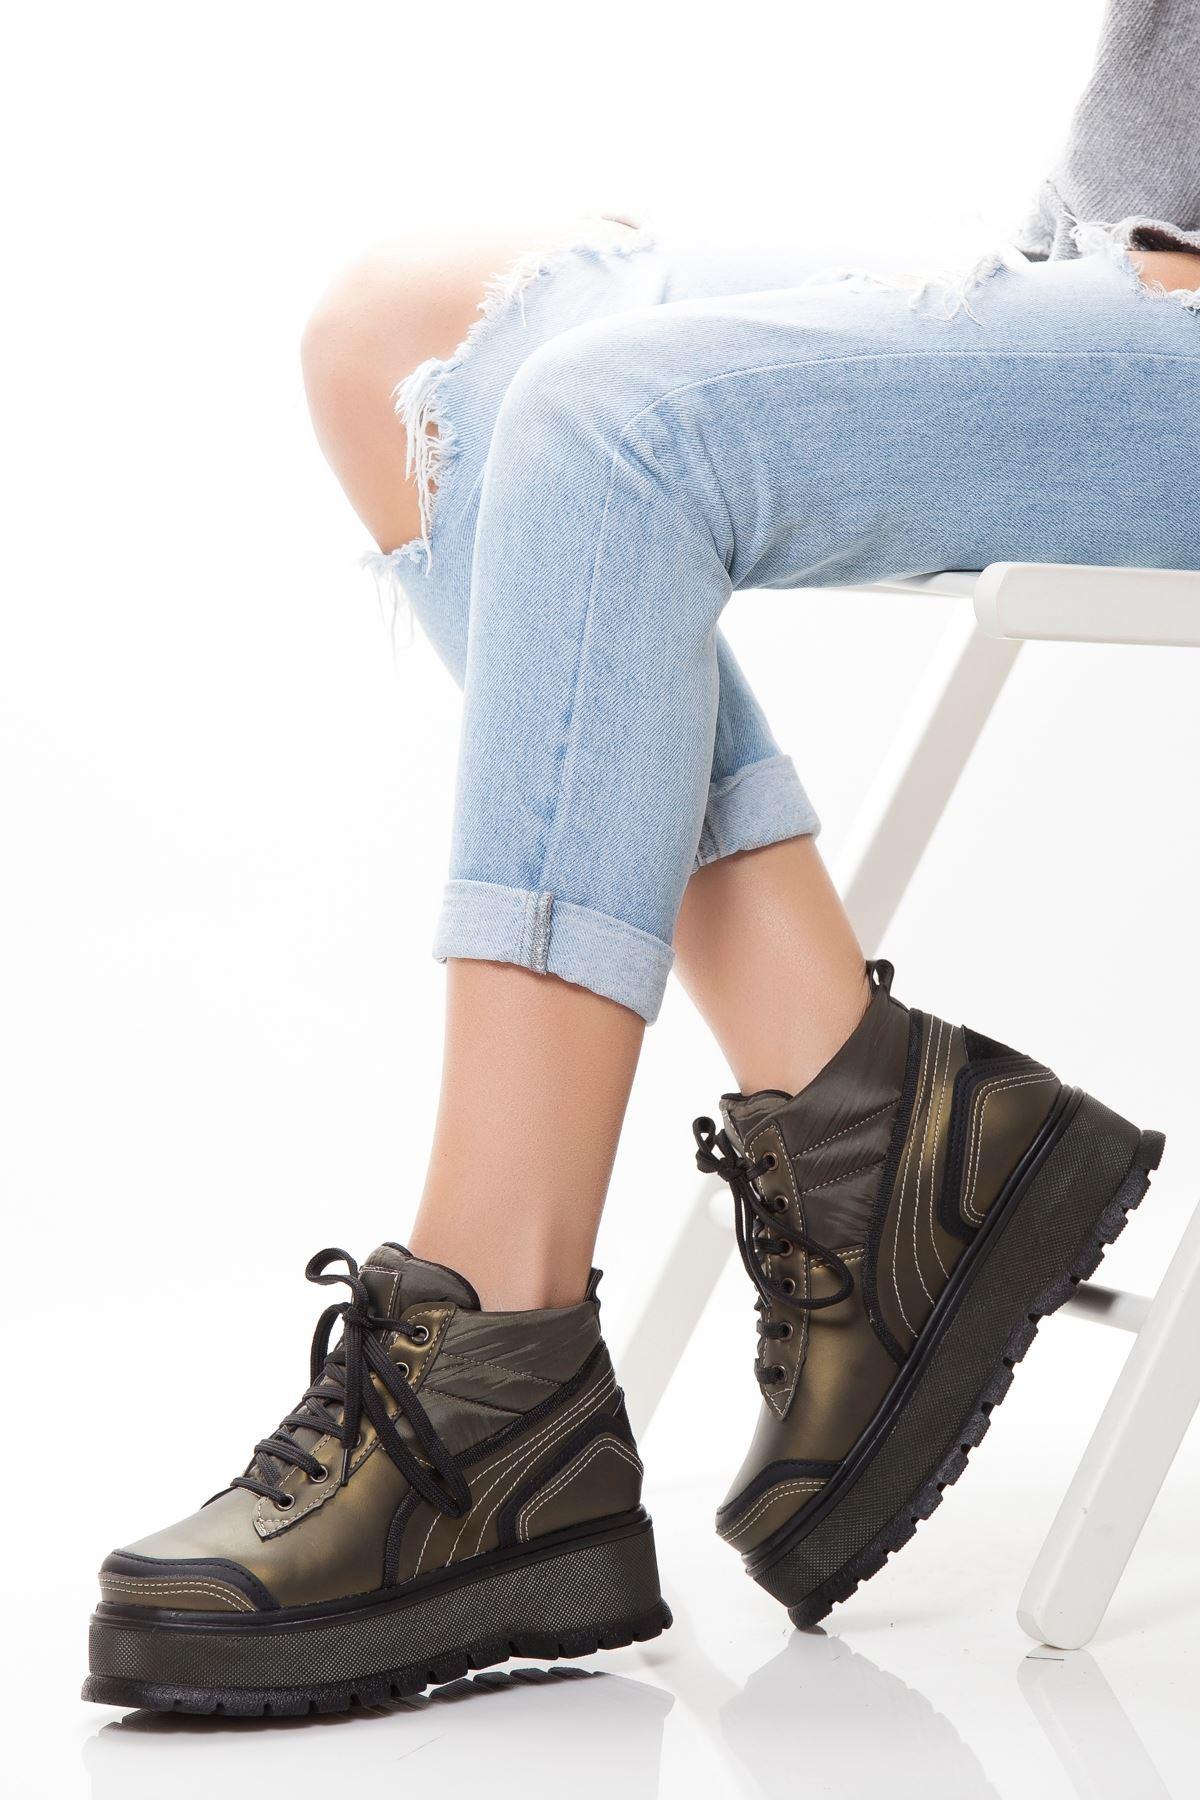 Jendy Haki Treking Rahat Kadın Spor Ayakkabı